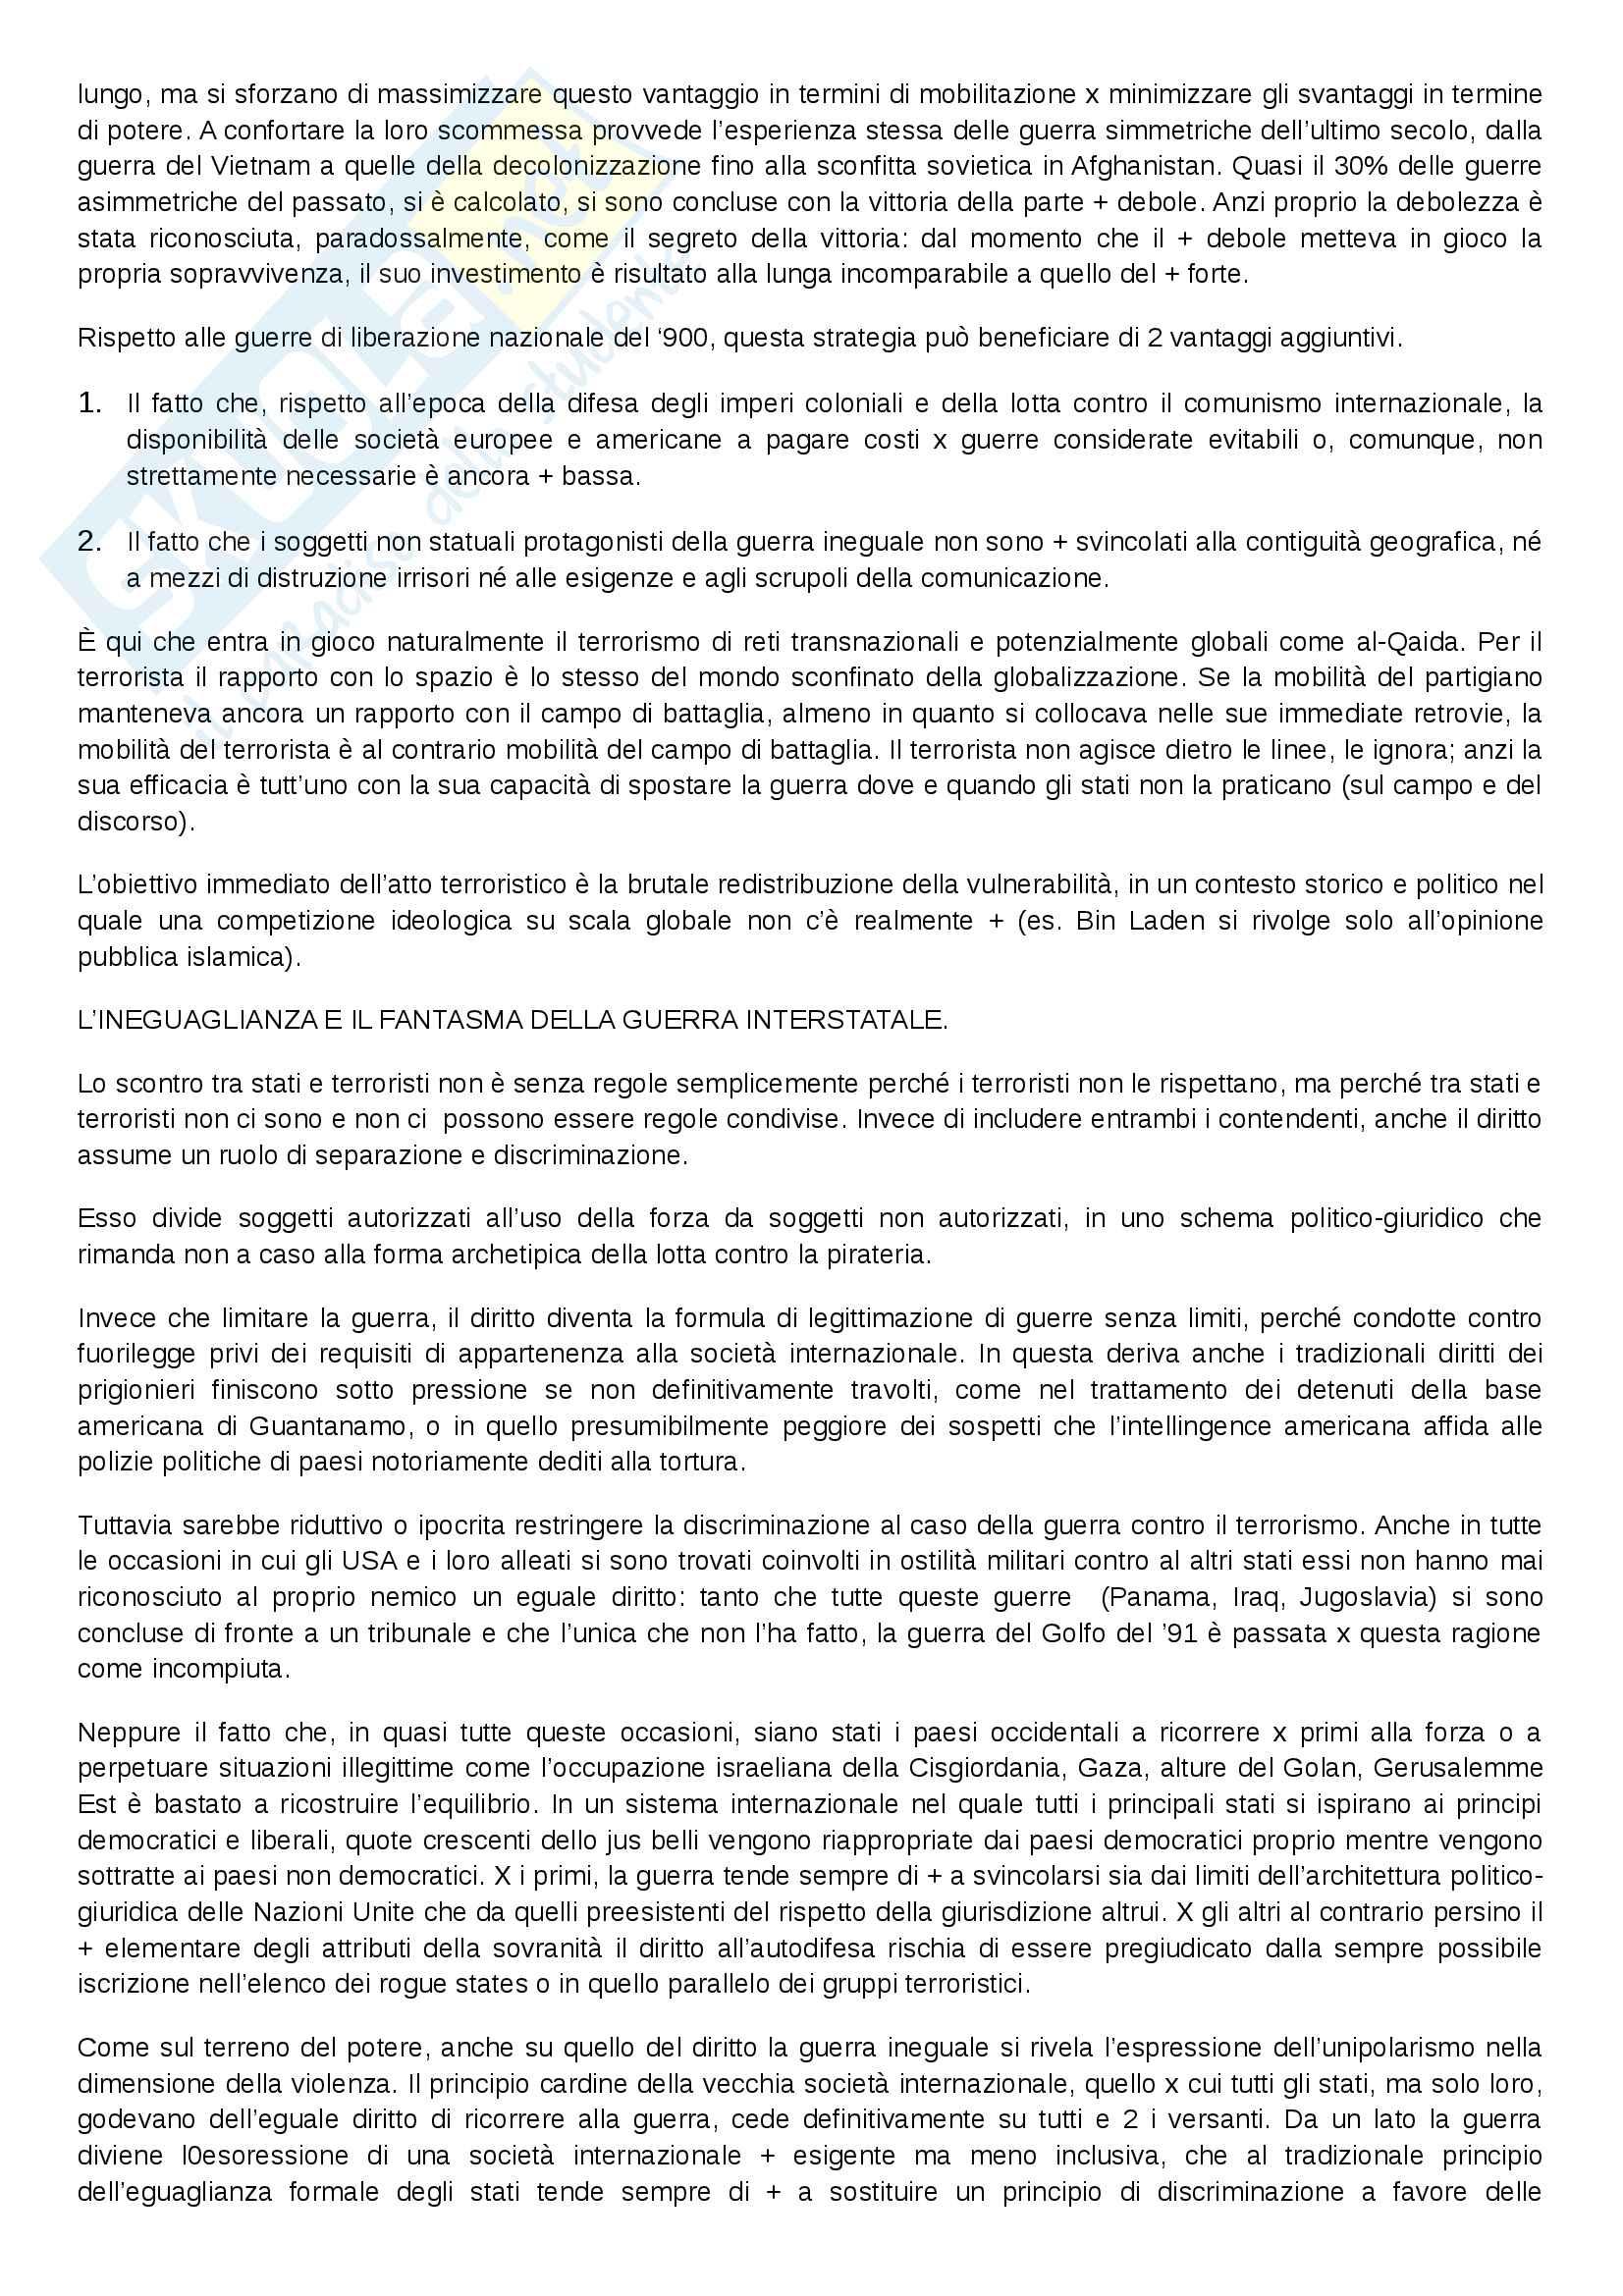 Riassunto esame Politica internazionale, docente Pisciotta, libro consigliato La guerra ineguale, Colombo Pag. 26